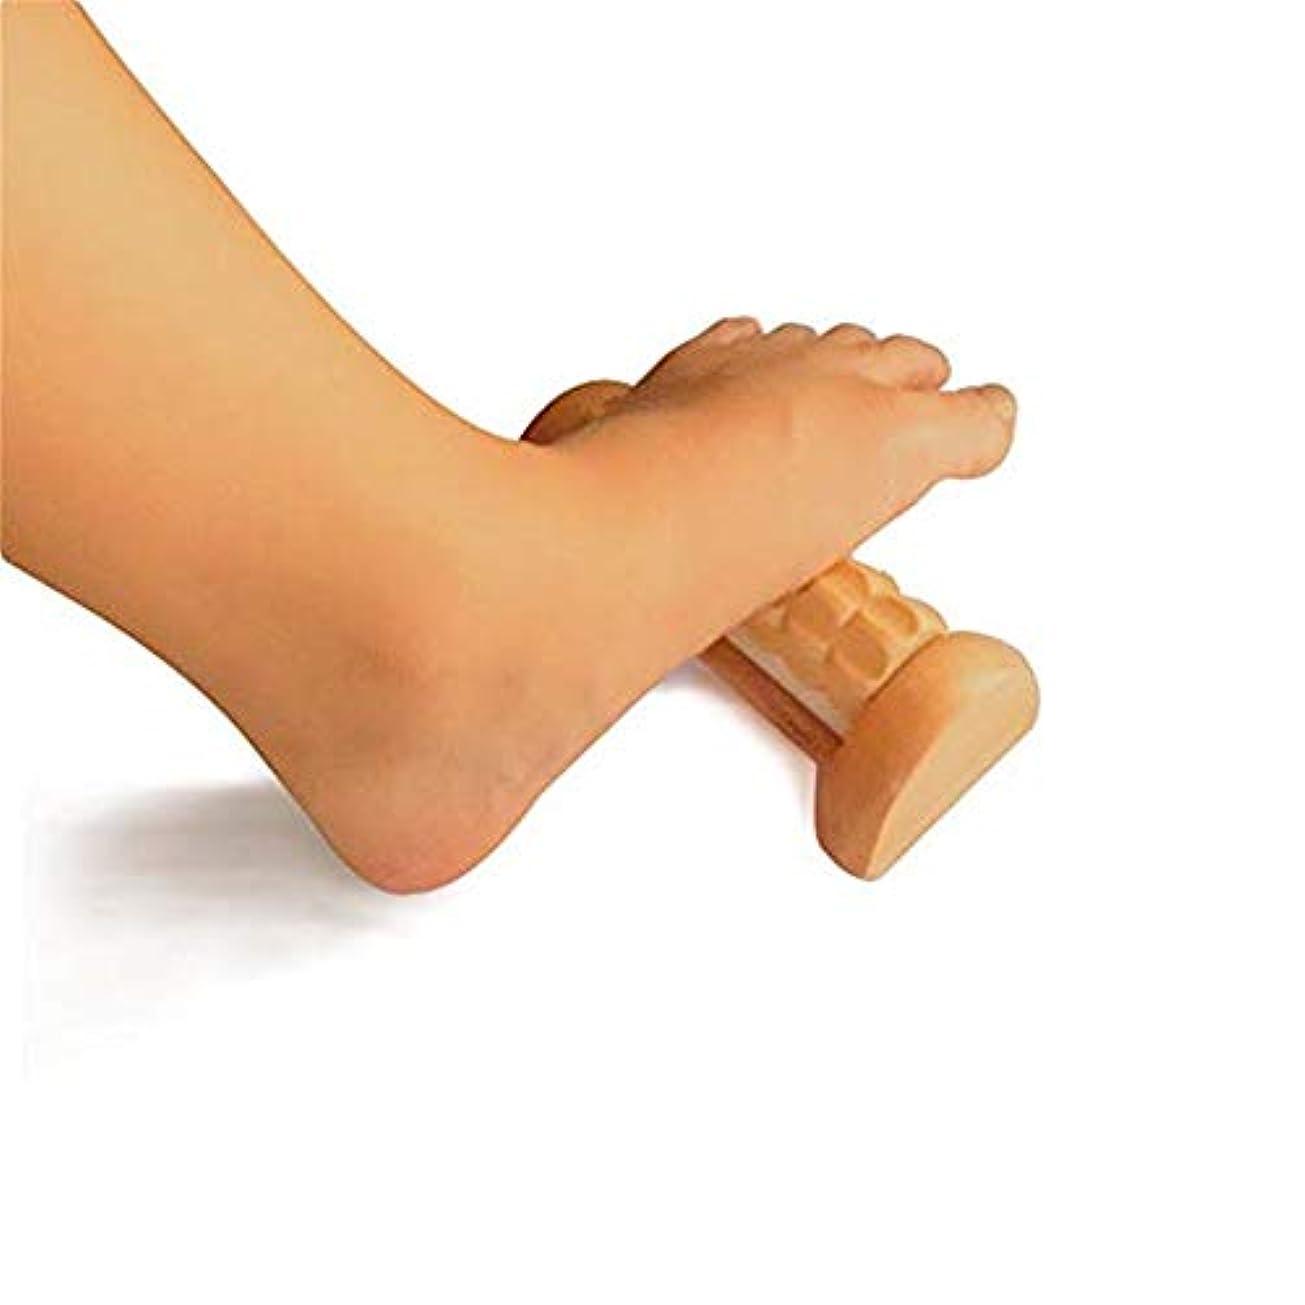 フィドルおばさんフォアマンFoot Massager Roller - 足のARCHの痛み、足底筋膜炎、痛みのセルフマッサージと痛みを和らげます - 筋膜の弛緩、リラックスした緊張/タイトな筋膜およびアーチを刺激します